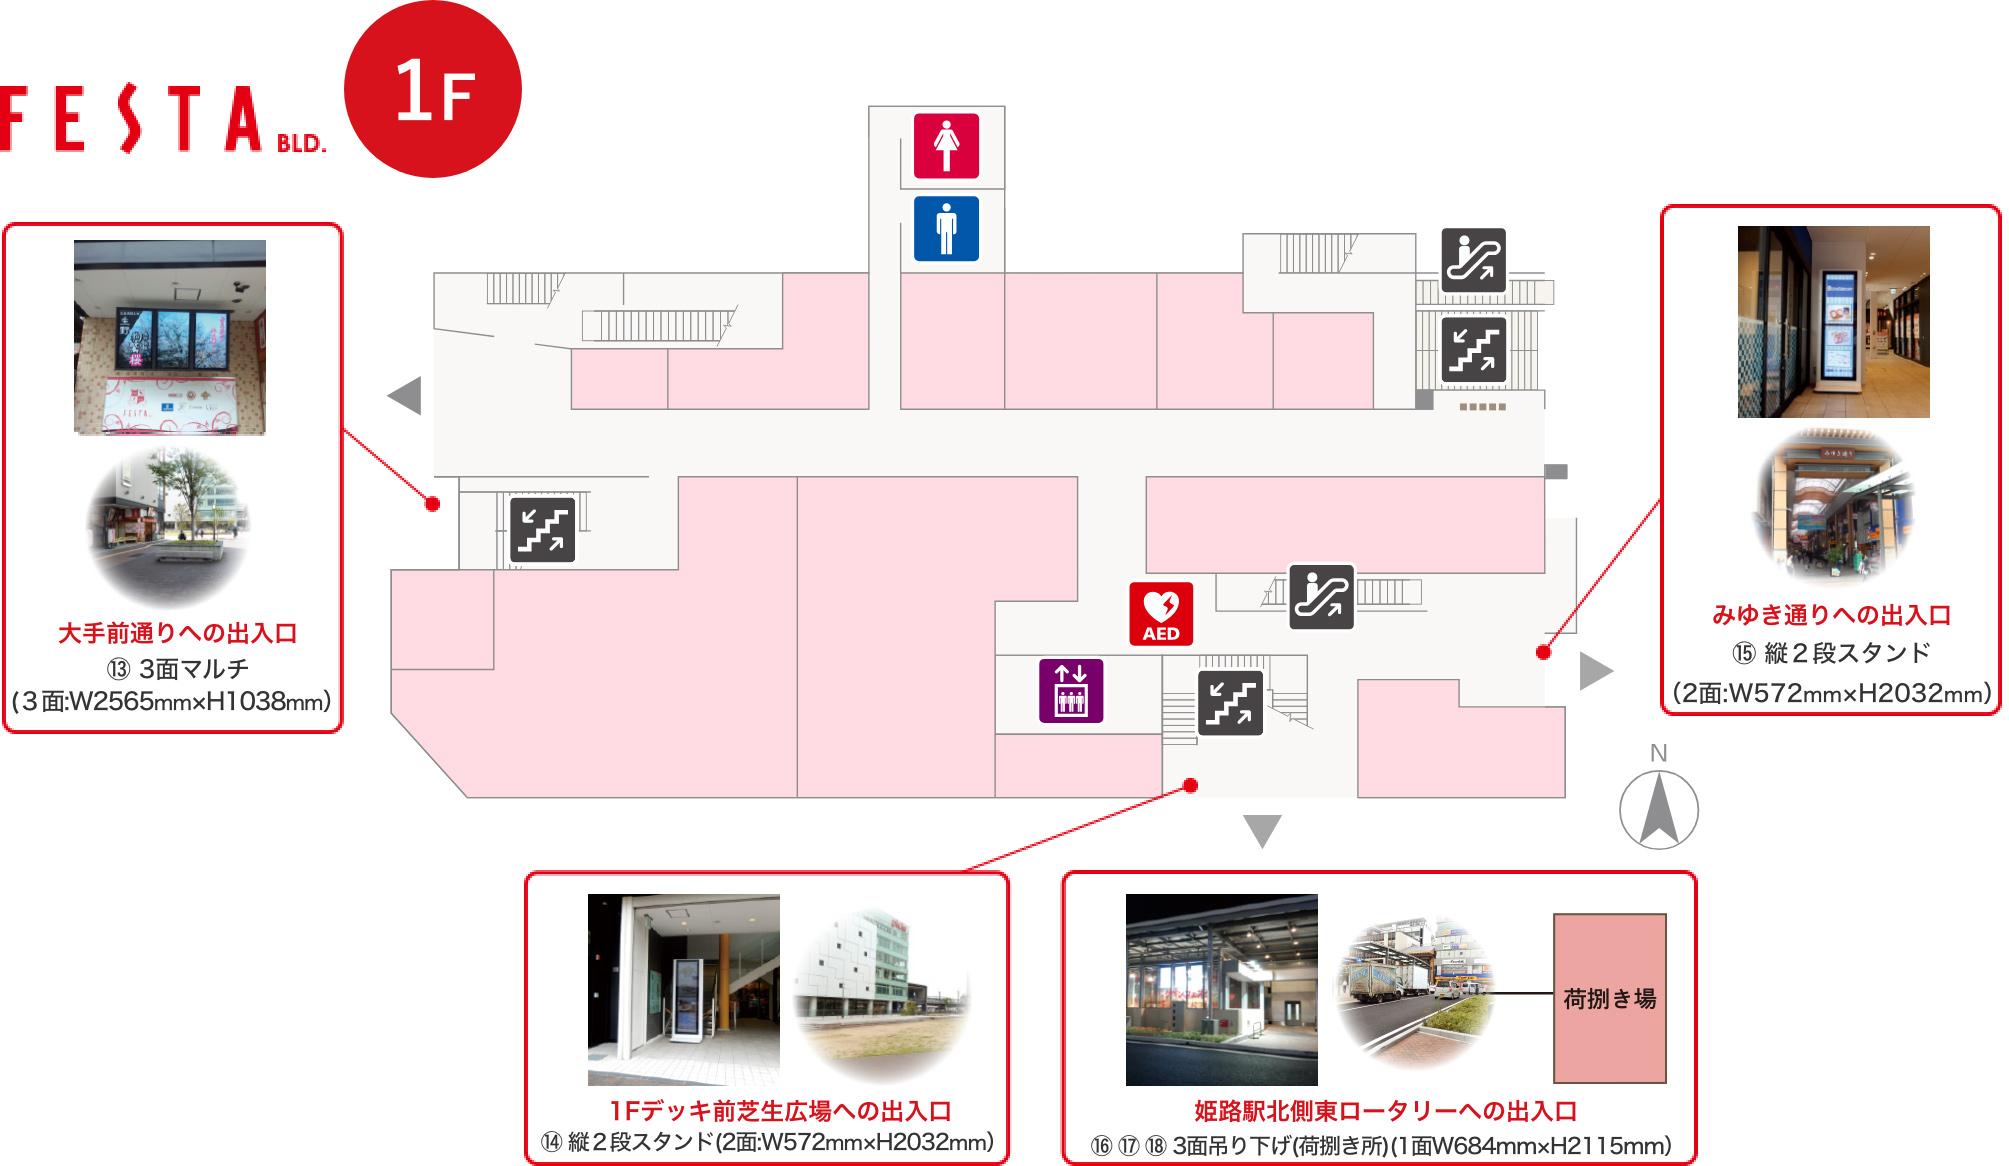 デジタルサイネージ設置場所 姫路駅前フェスタビル